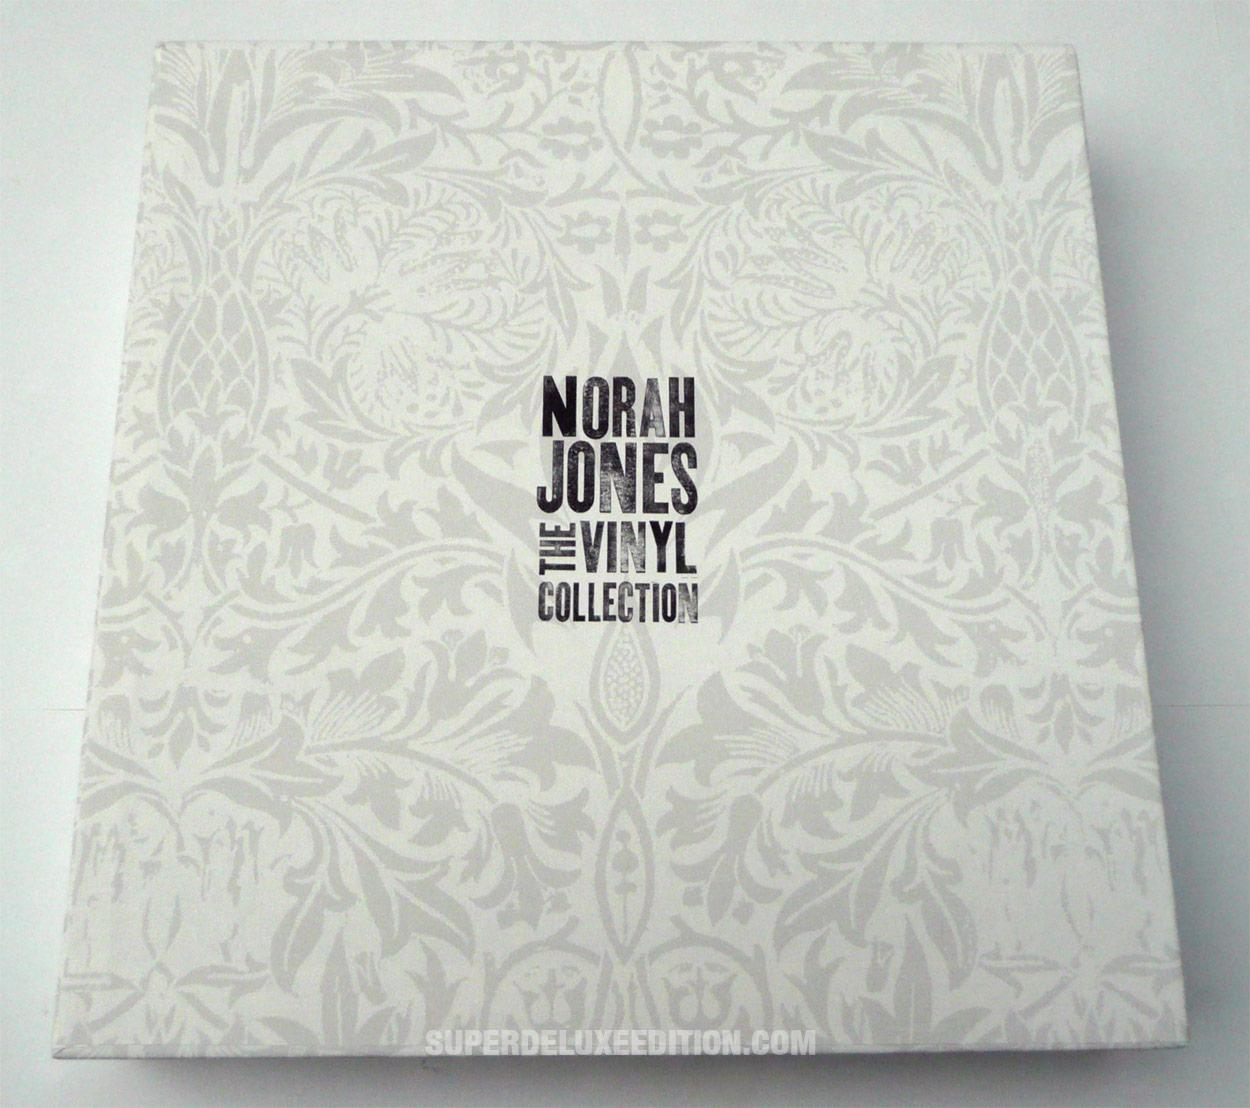 Norah Jones / The Vinyl Collection 6LP audiophile box set